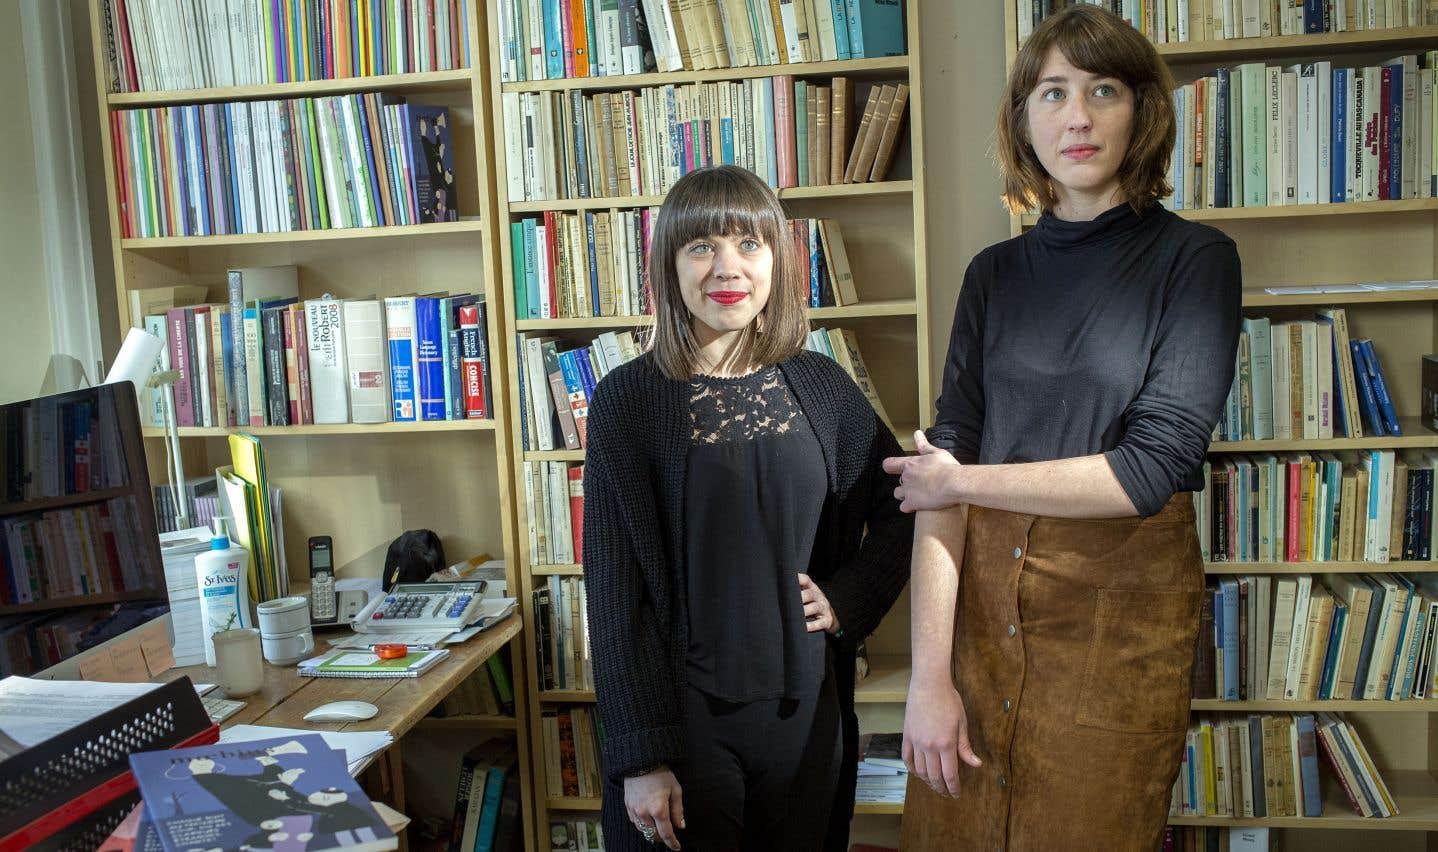 La direction change dans plusieurs magazines de création littéraire au Québec